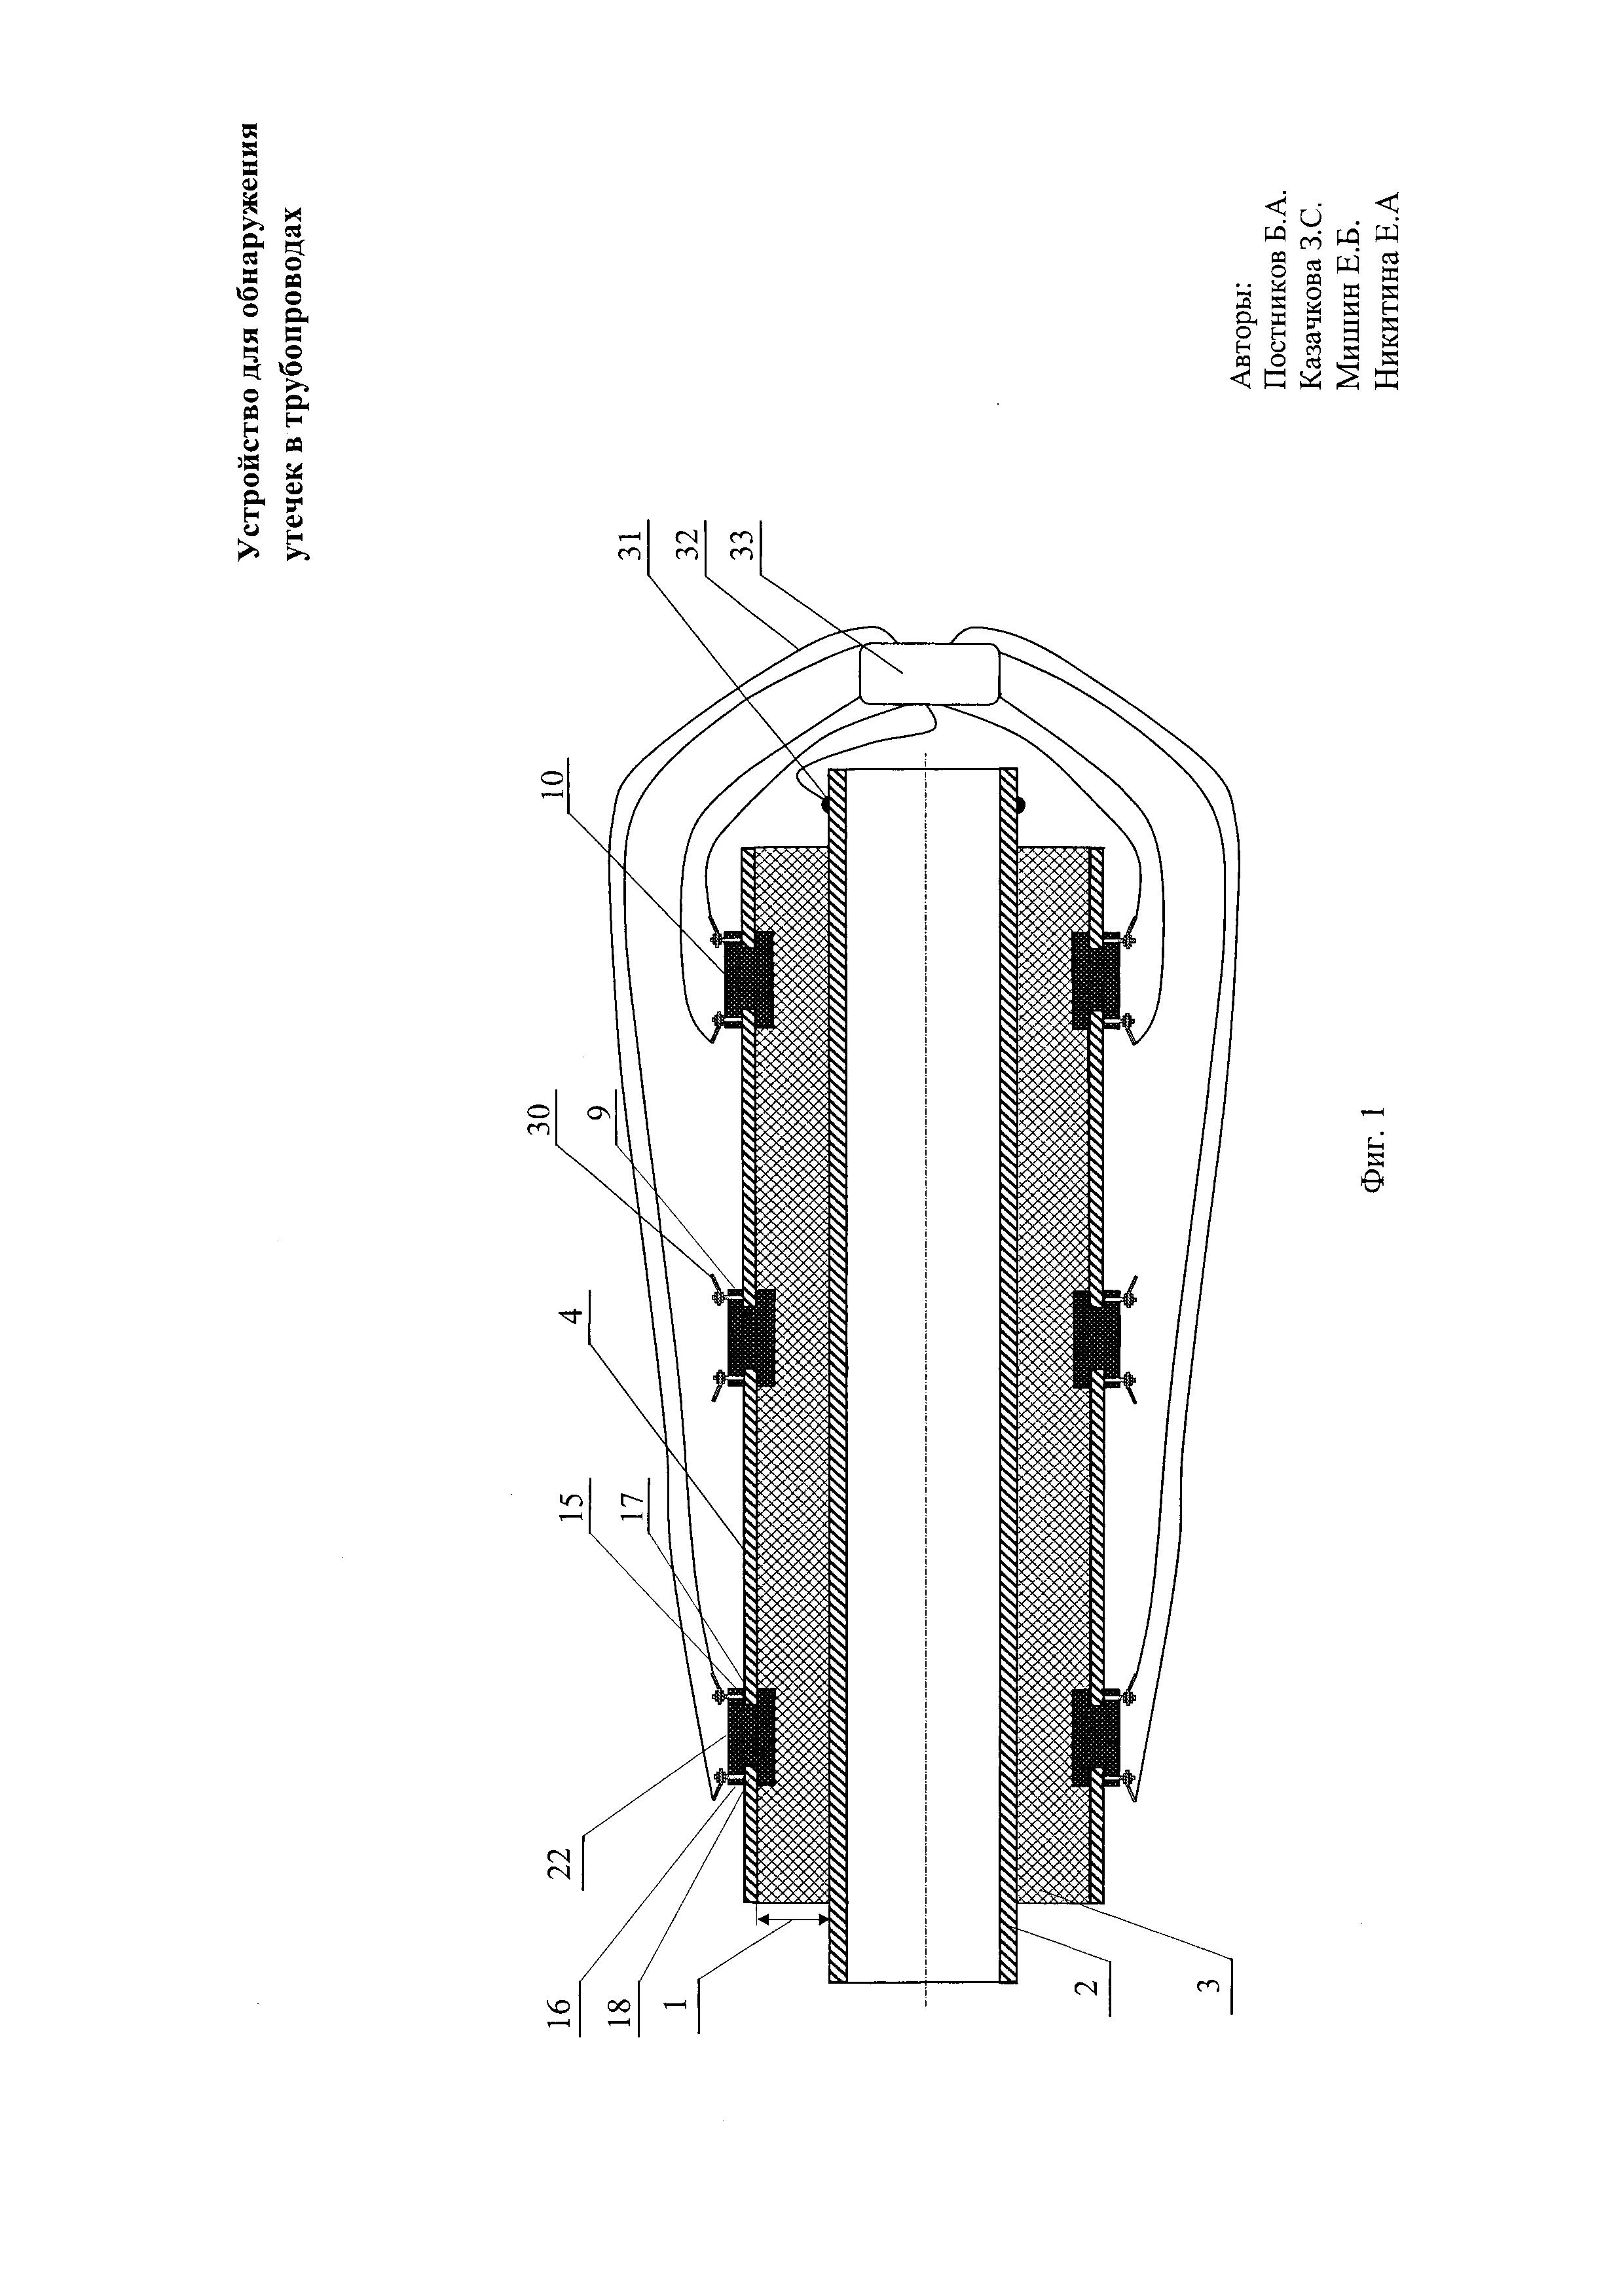 Устройство для обнаружения утечек в трубопроводах